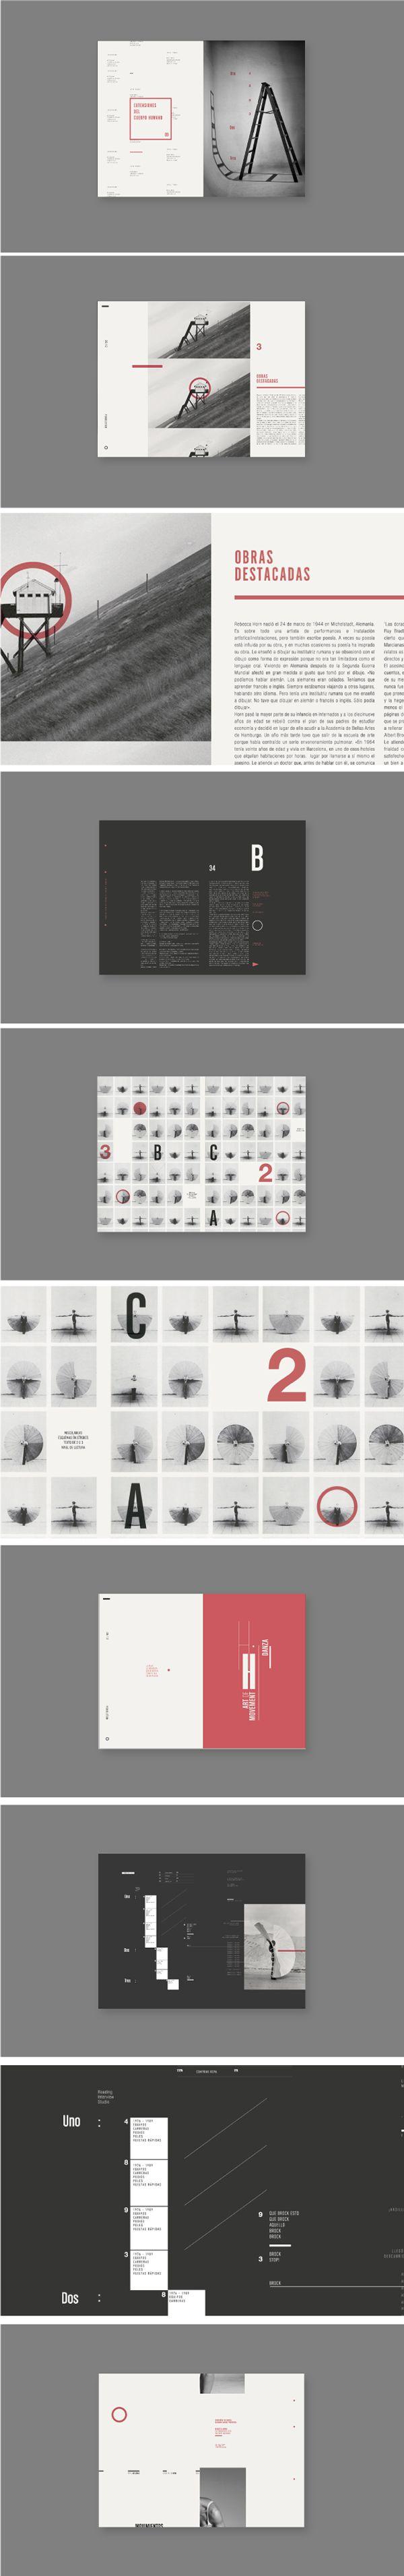 Pressbook para el evento principal de Aureo, Festival de Danza Contemporanea.  Trabajo de la carrera de Diseño Gráfico, cátedra Gabriele 2013 (FADU - UBA) _by Flav Santoro